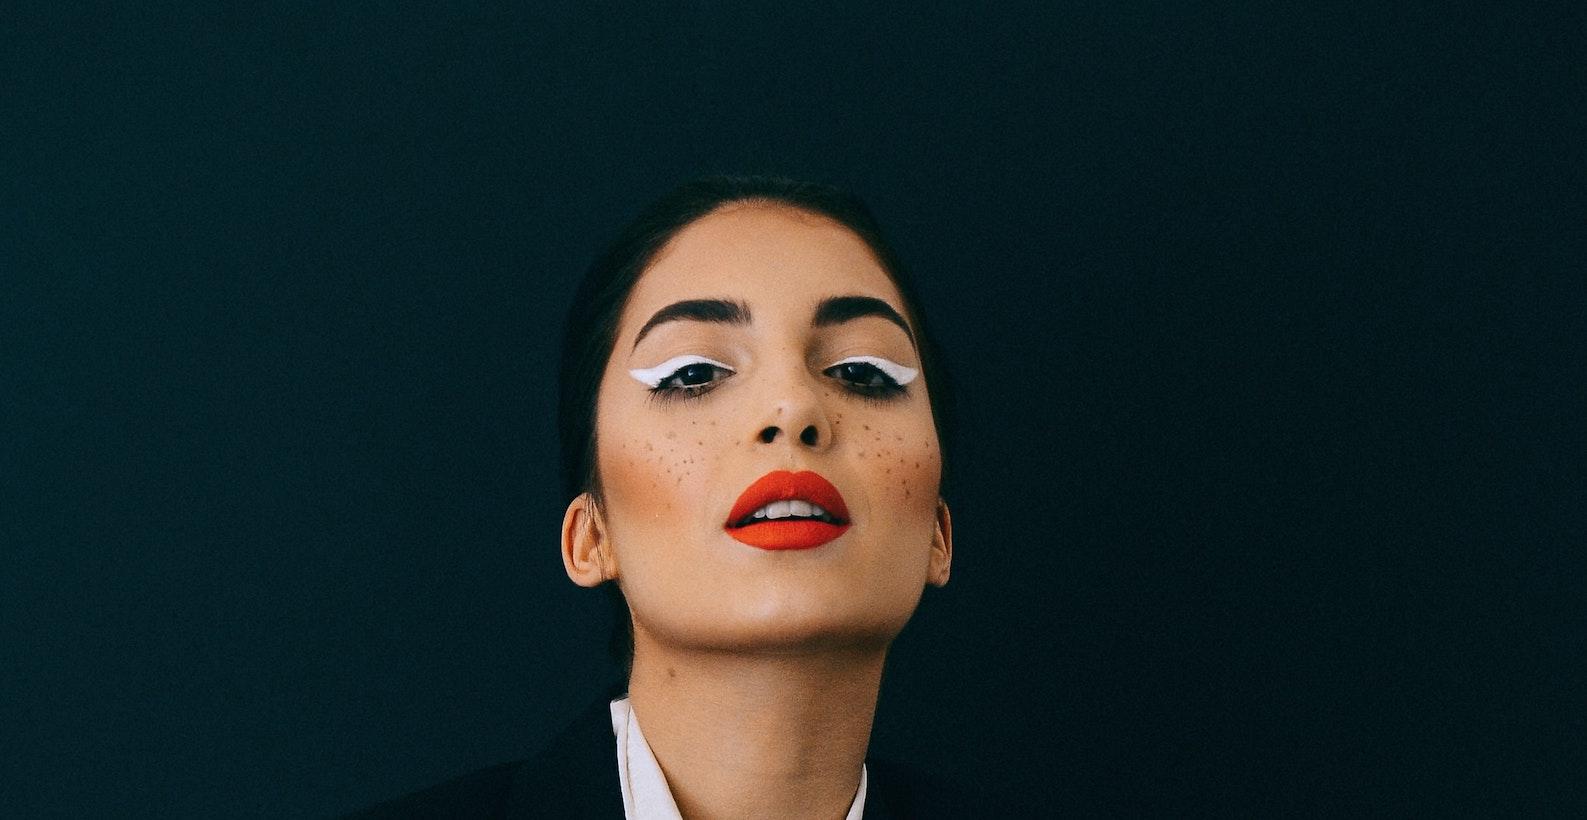 Maquillaje geométrico y ciber seguridad